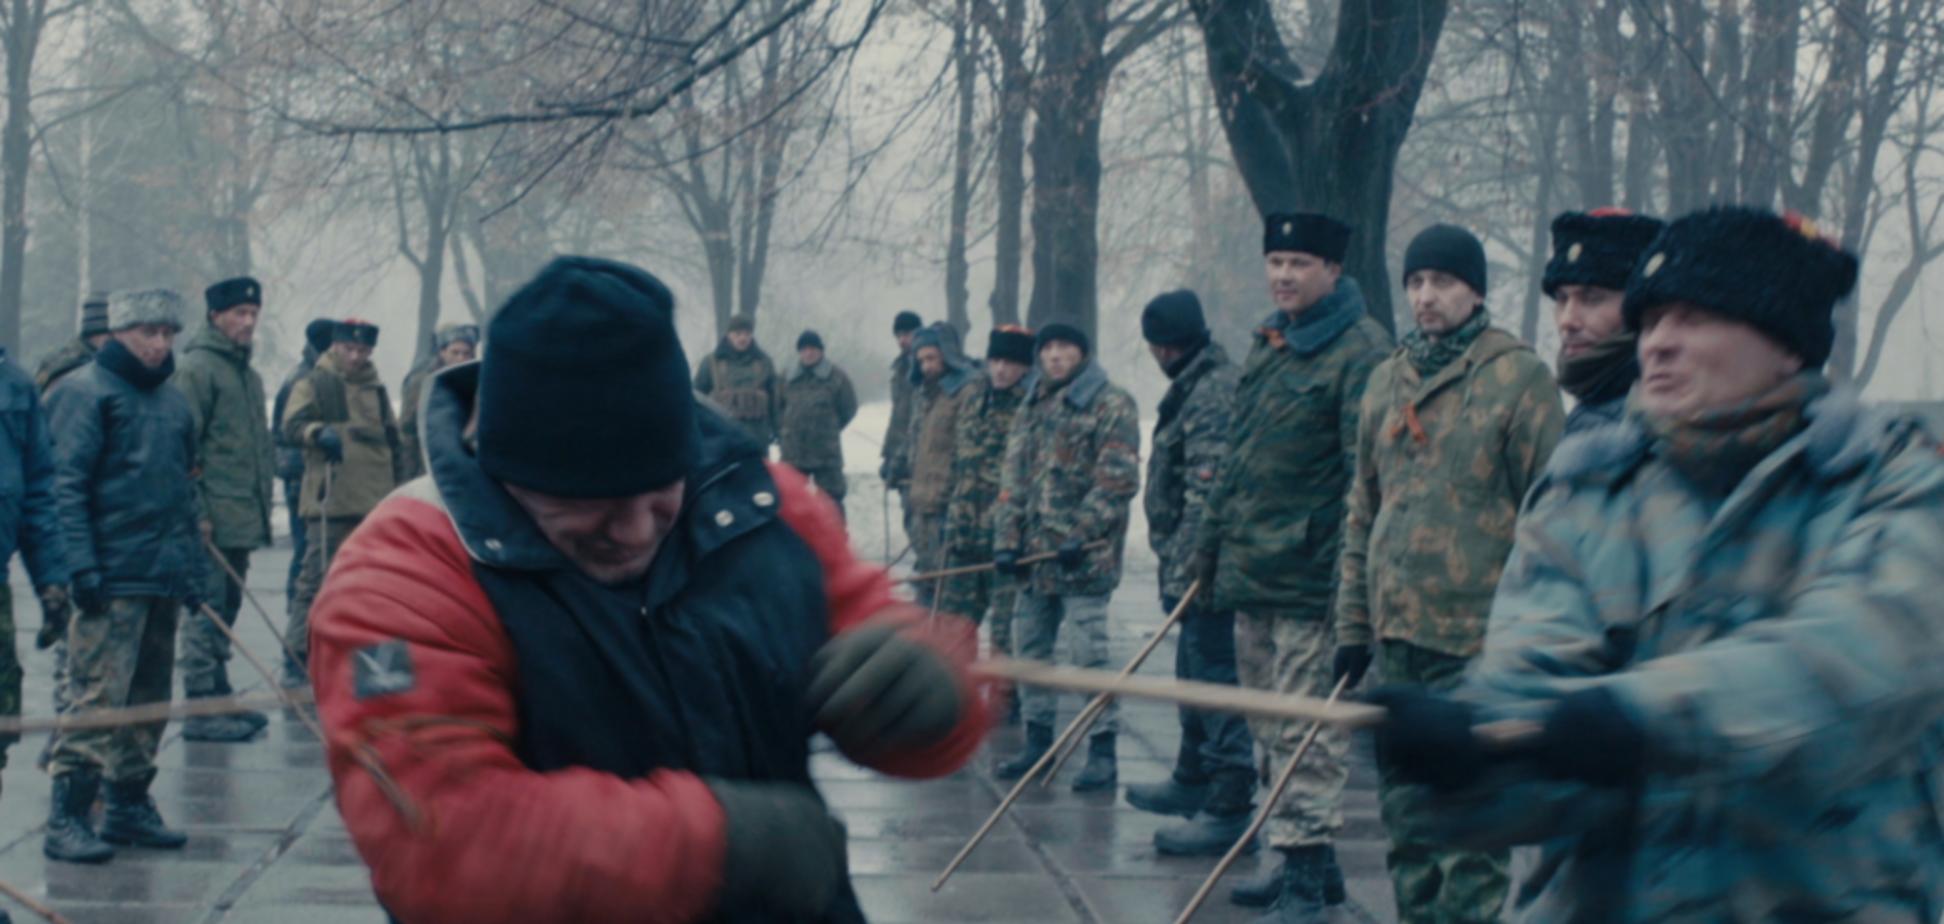 Как жить в одной стране с жителями Донбасса?